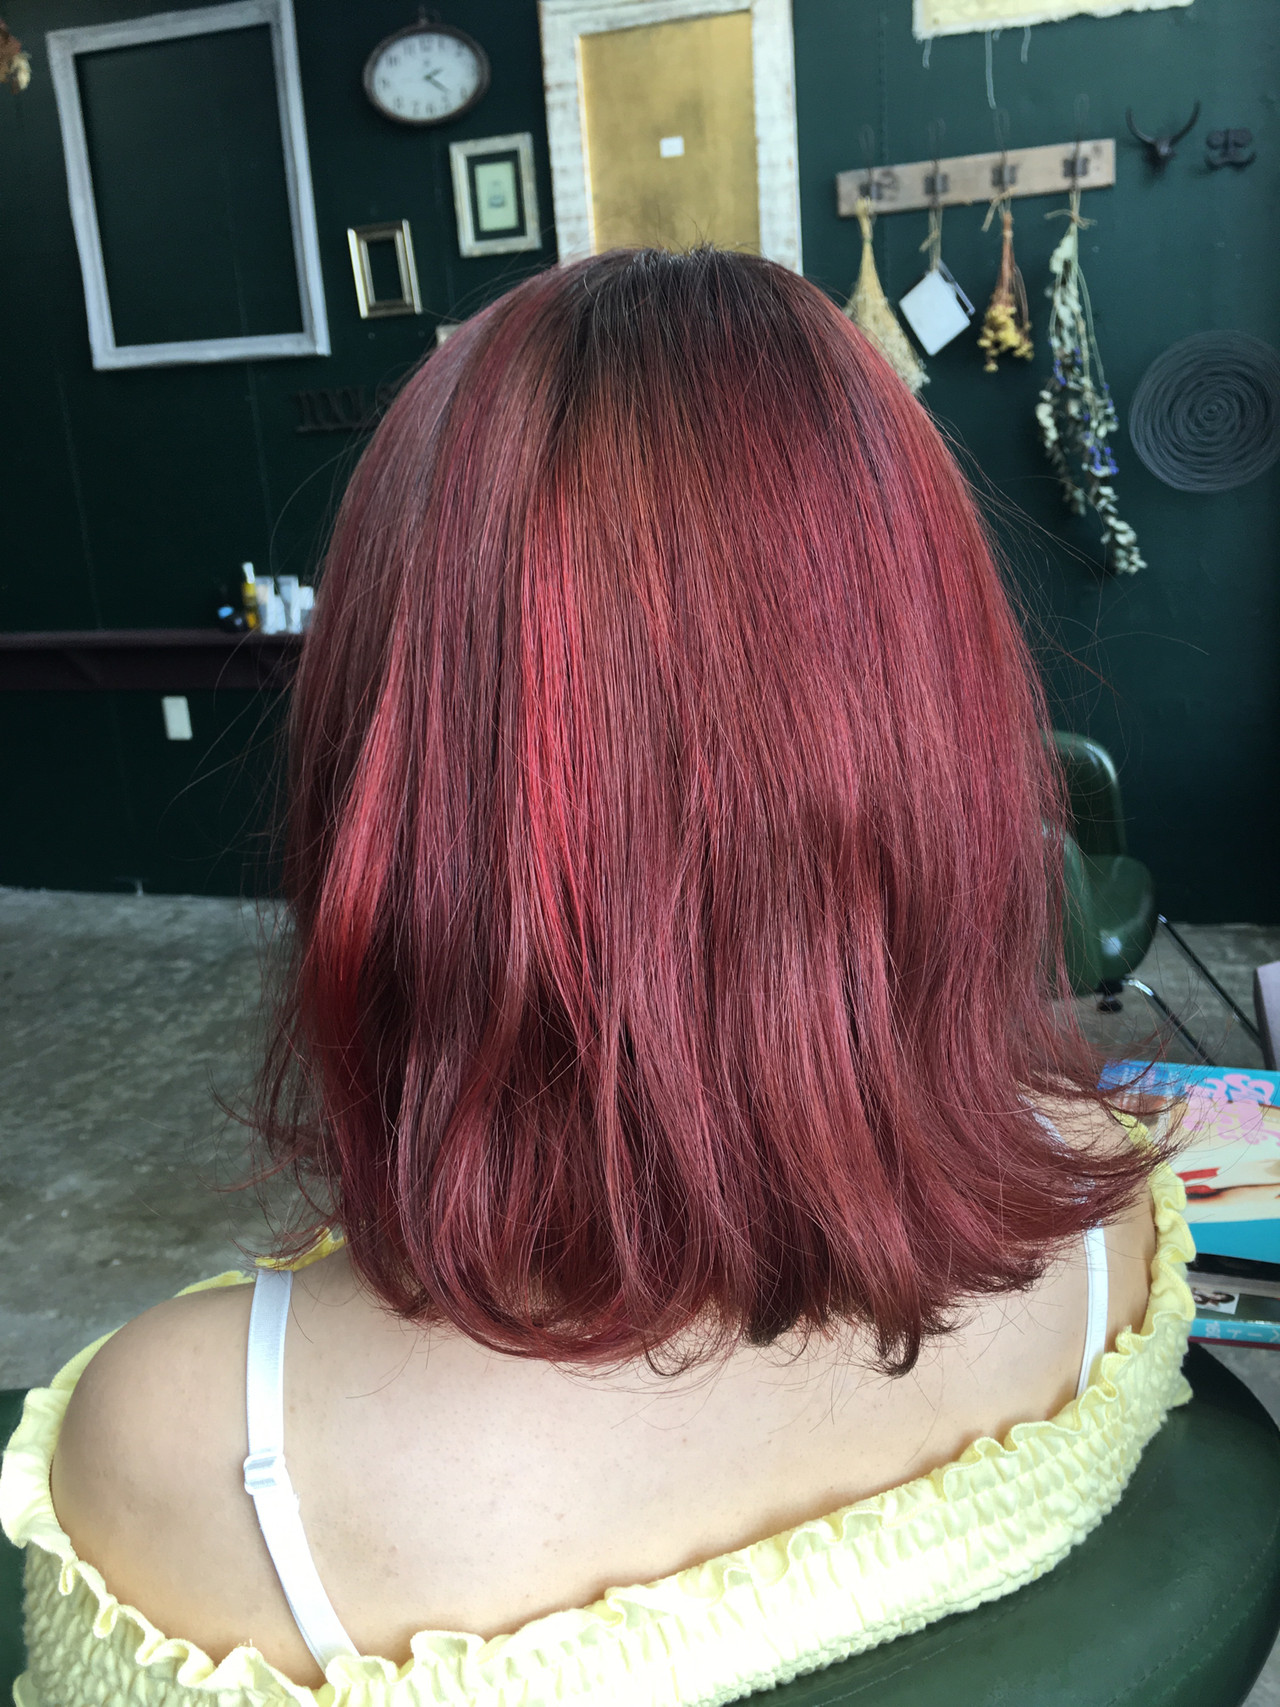 モード ミディアム ハイライト 個性的 ヘアスタイルや髪型の写真・画像